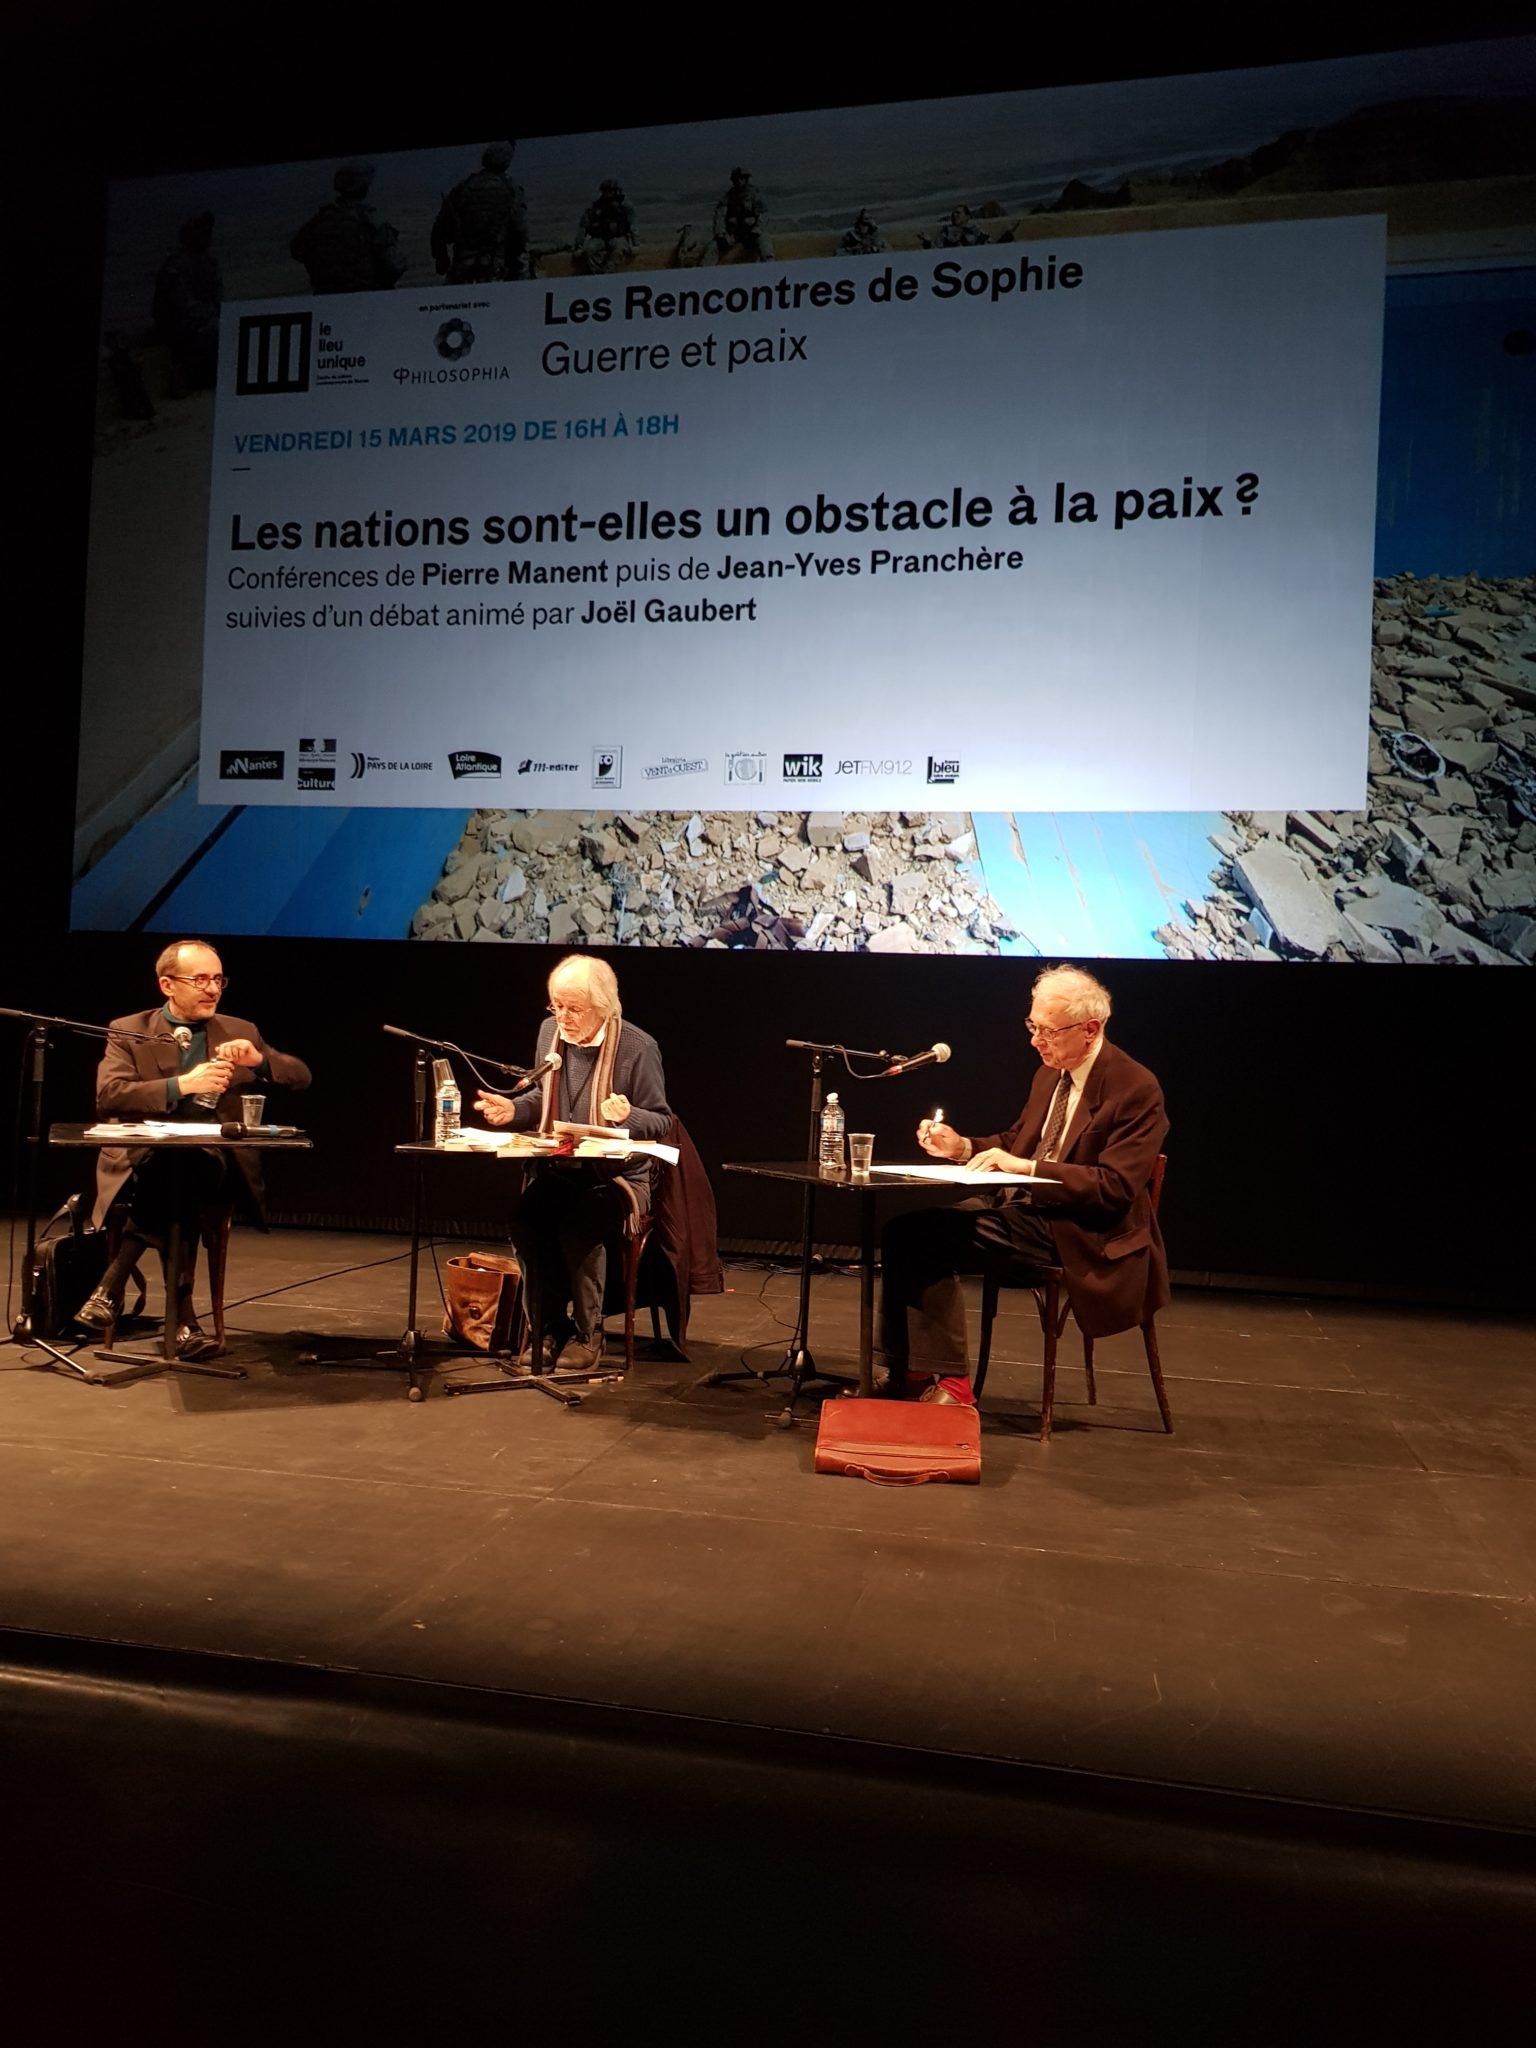 Rencontre sde Sophie Guerre et paix Philosophia Lieu Unique de Nantes Pranchère Gaubert Manent